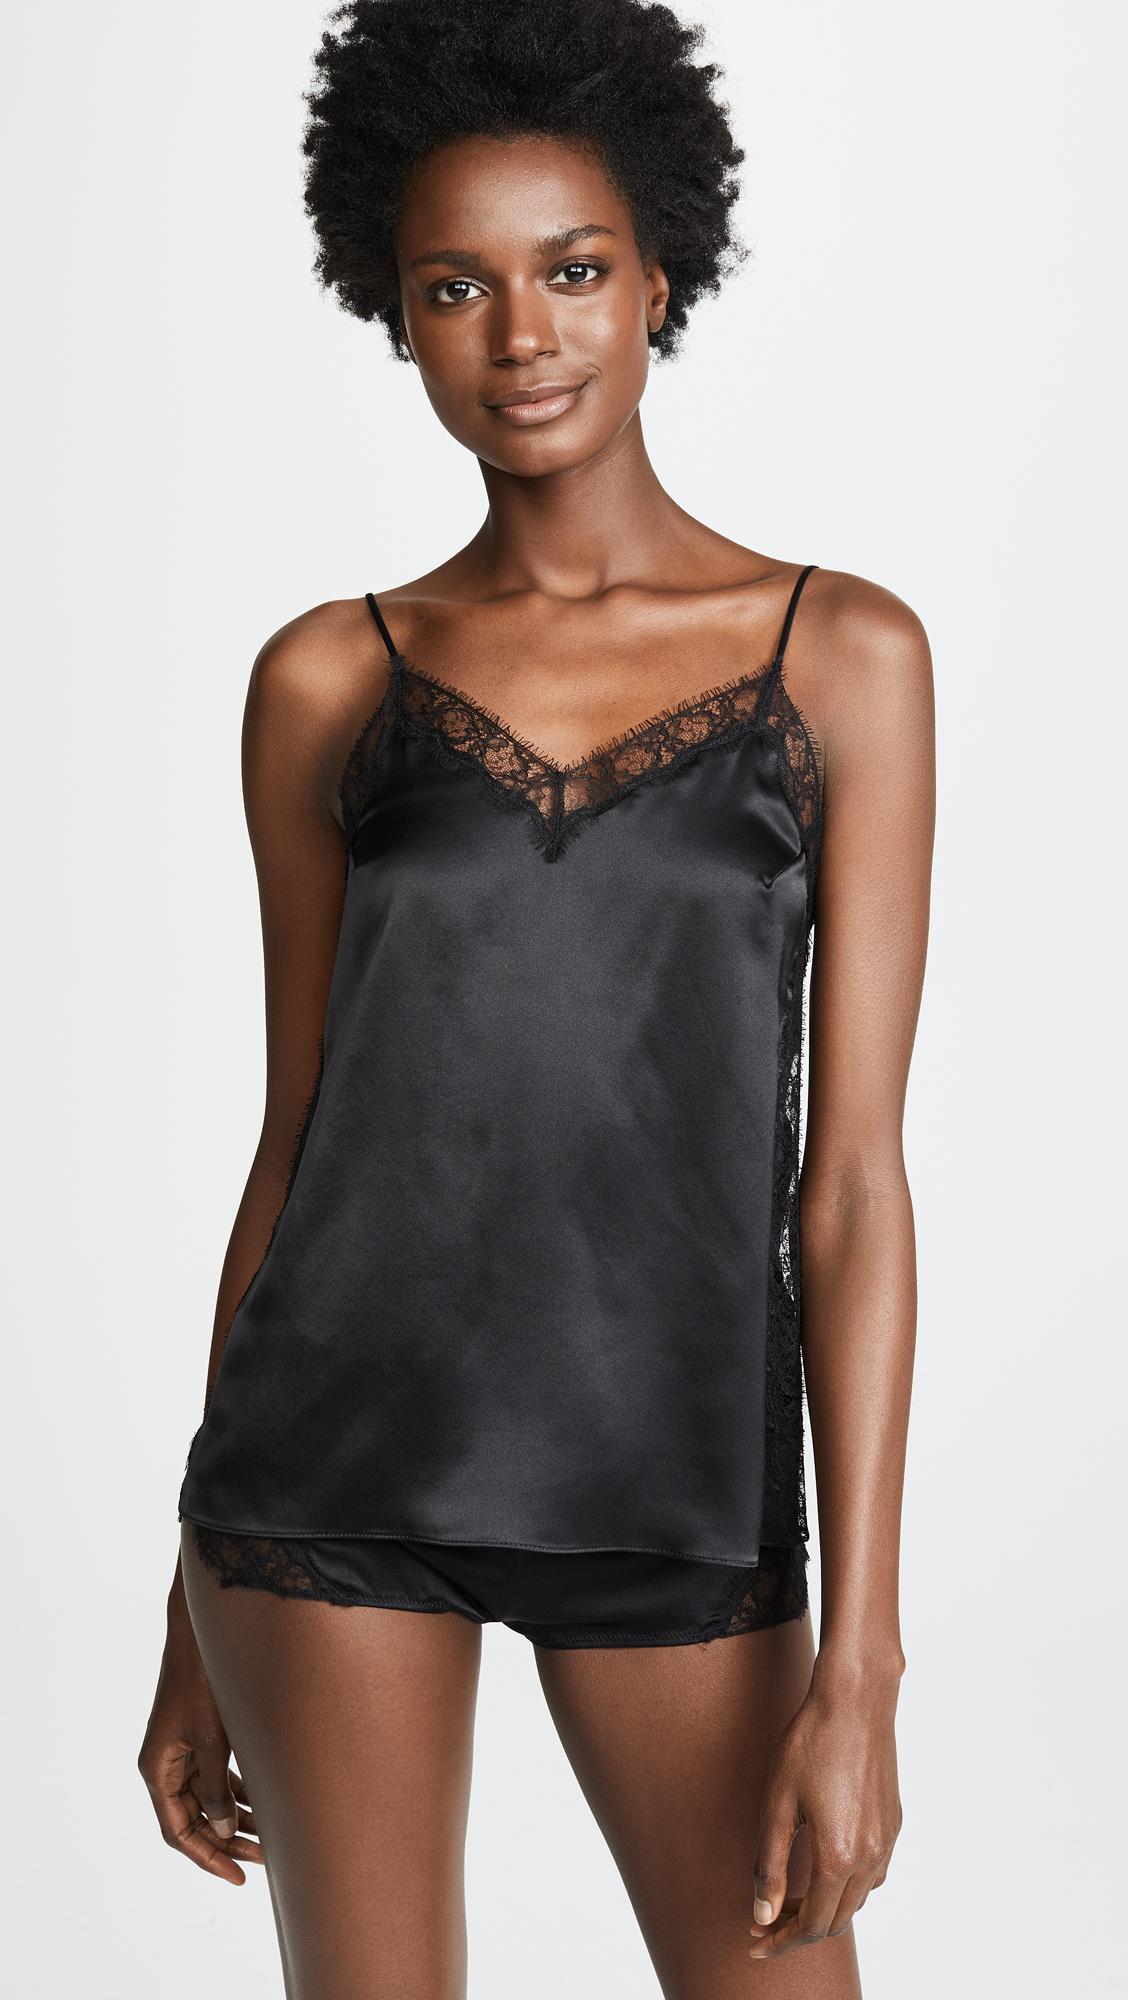 843782ea4d6c8 Lyst - Kiki de Montparnasse Icon Lace Inset Cami in Black